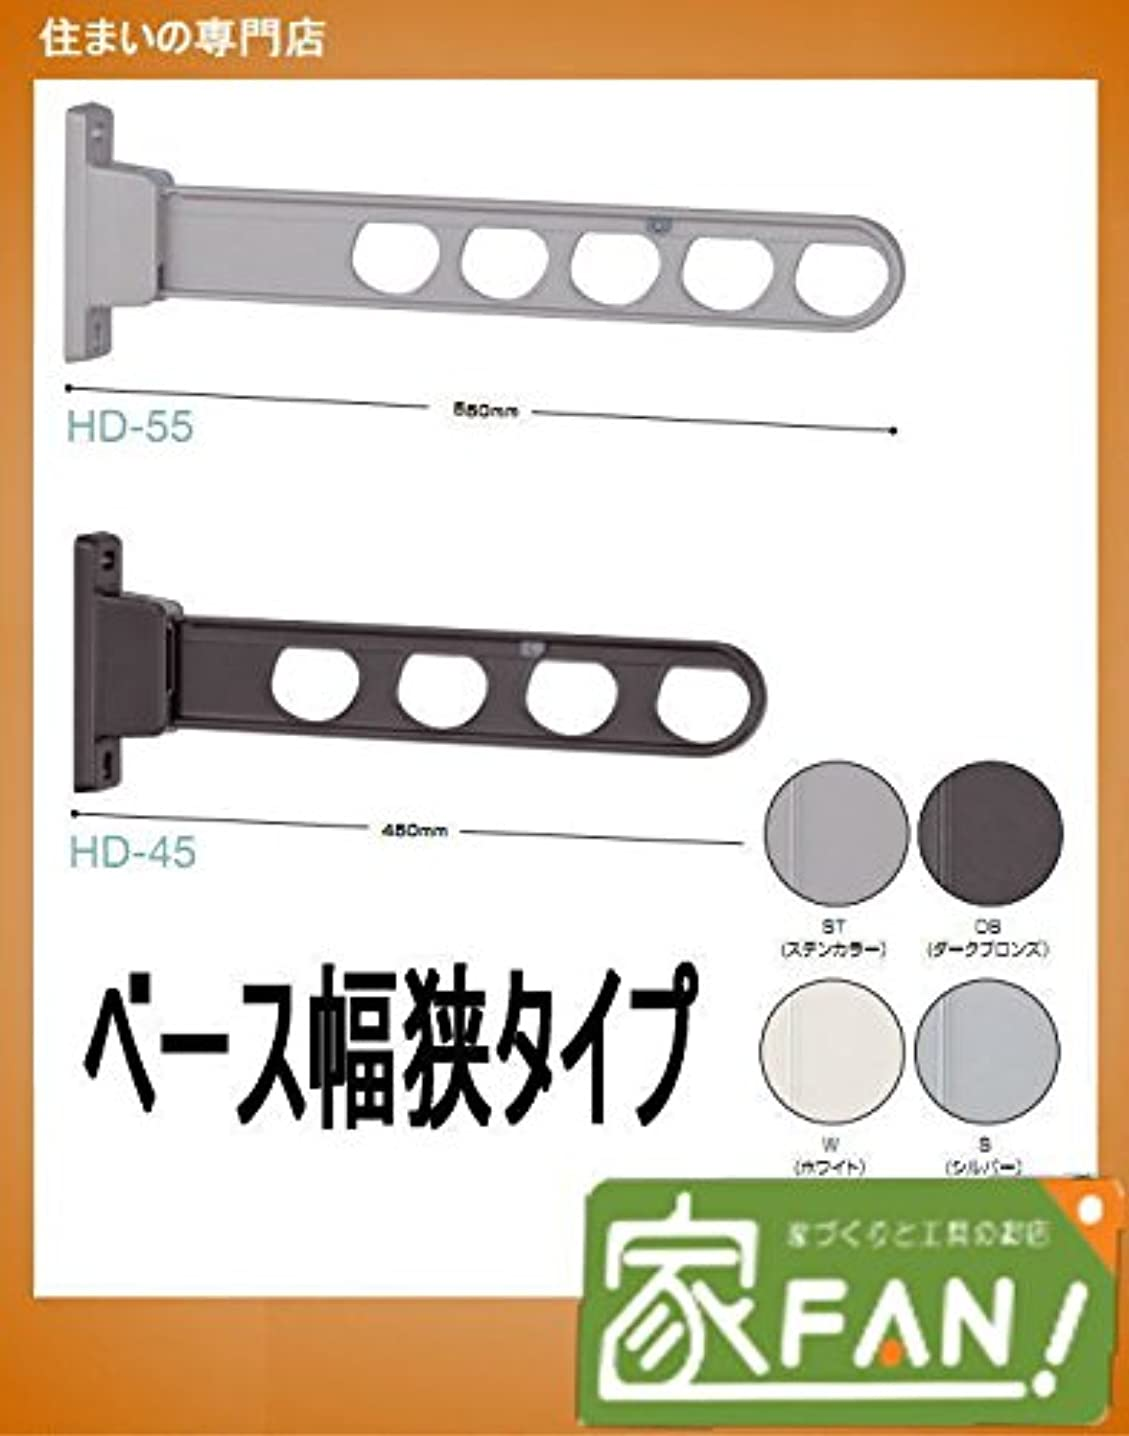 アブストラクト消去競争力のある川口技研 腰壁用ホスクリーン ベース幅狭タイプ HDS-55-DB(ダークブロンズ) 1本(通常2本必要)